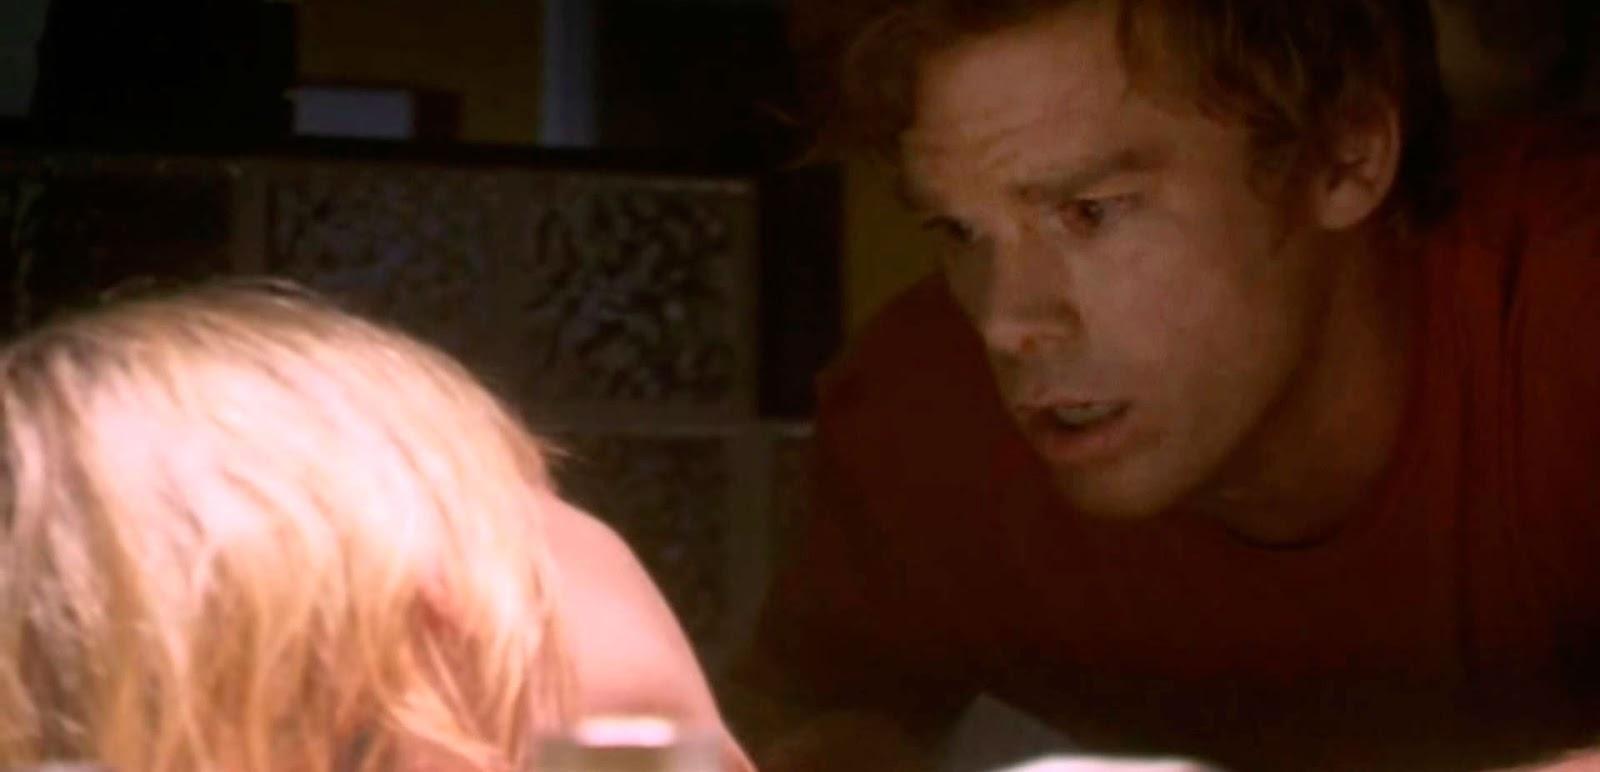 Dexter 4x12 The Getaway